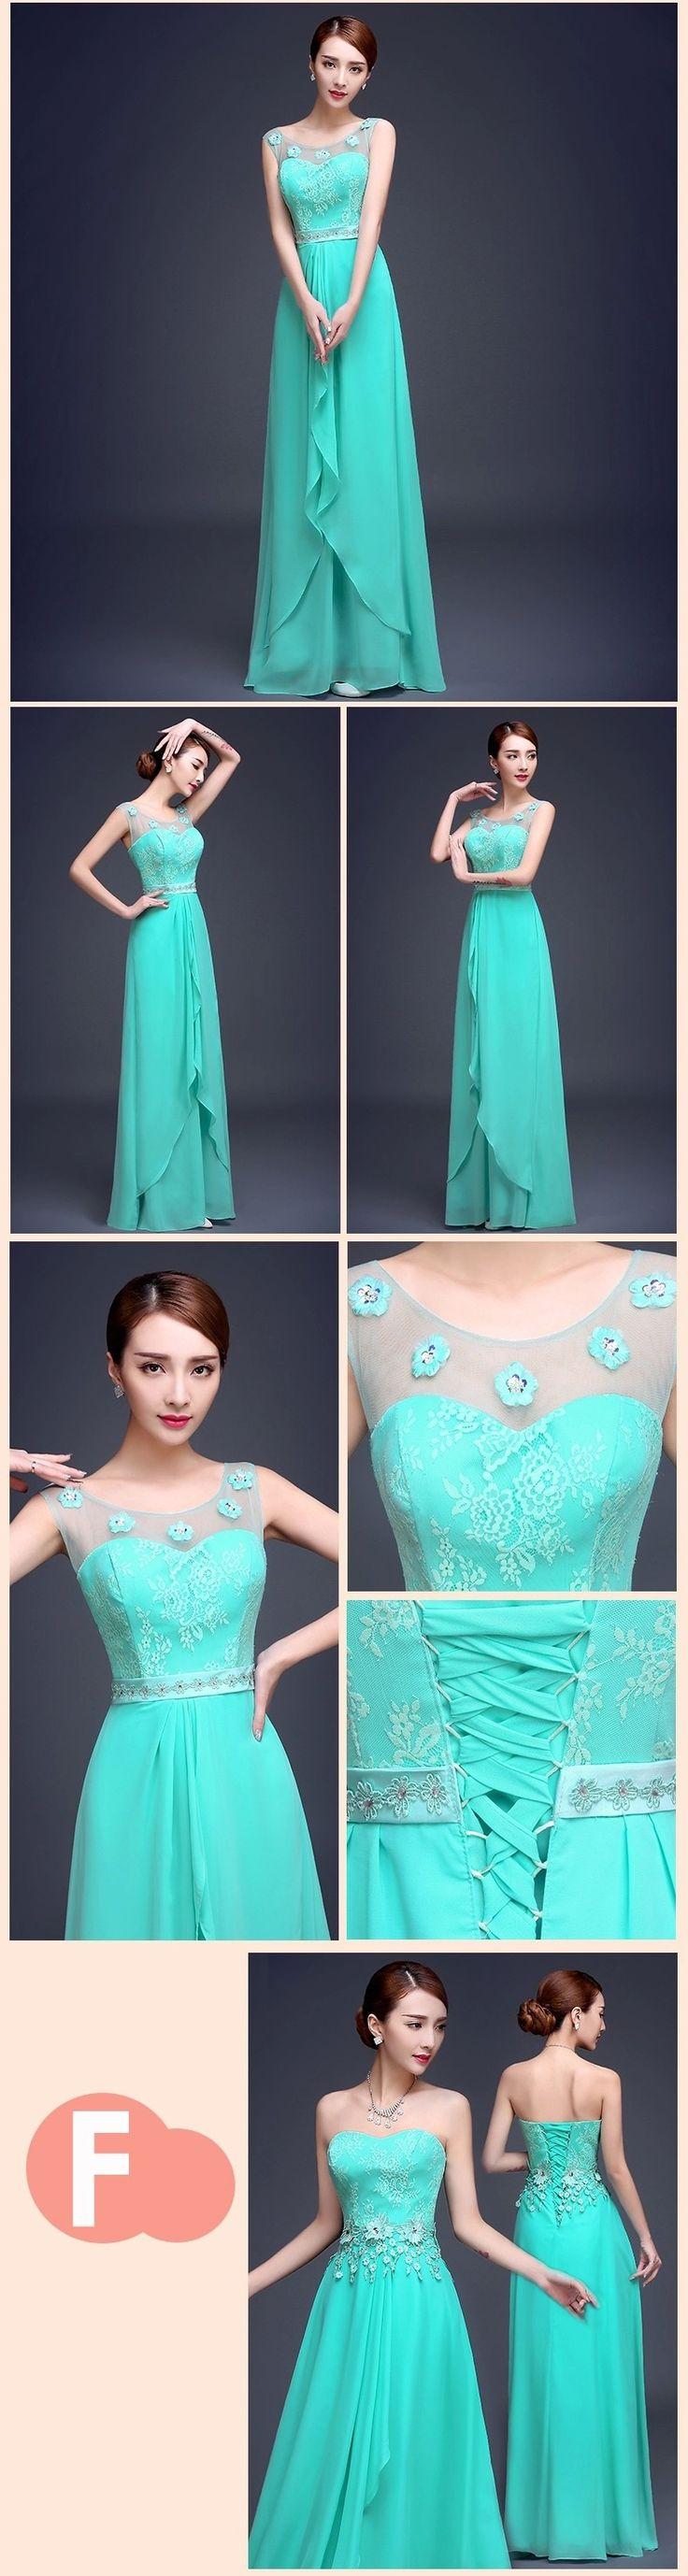 Vestido De Festa Vestido De Chiffon turquesa da dama De honra tom turquesa azul da dama De honra Vestidos Vestido Vestidos De Novia barato em Vestidos de Madrinha de Casamentos e Eventos no AliExpress.com | Alibaba Group